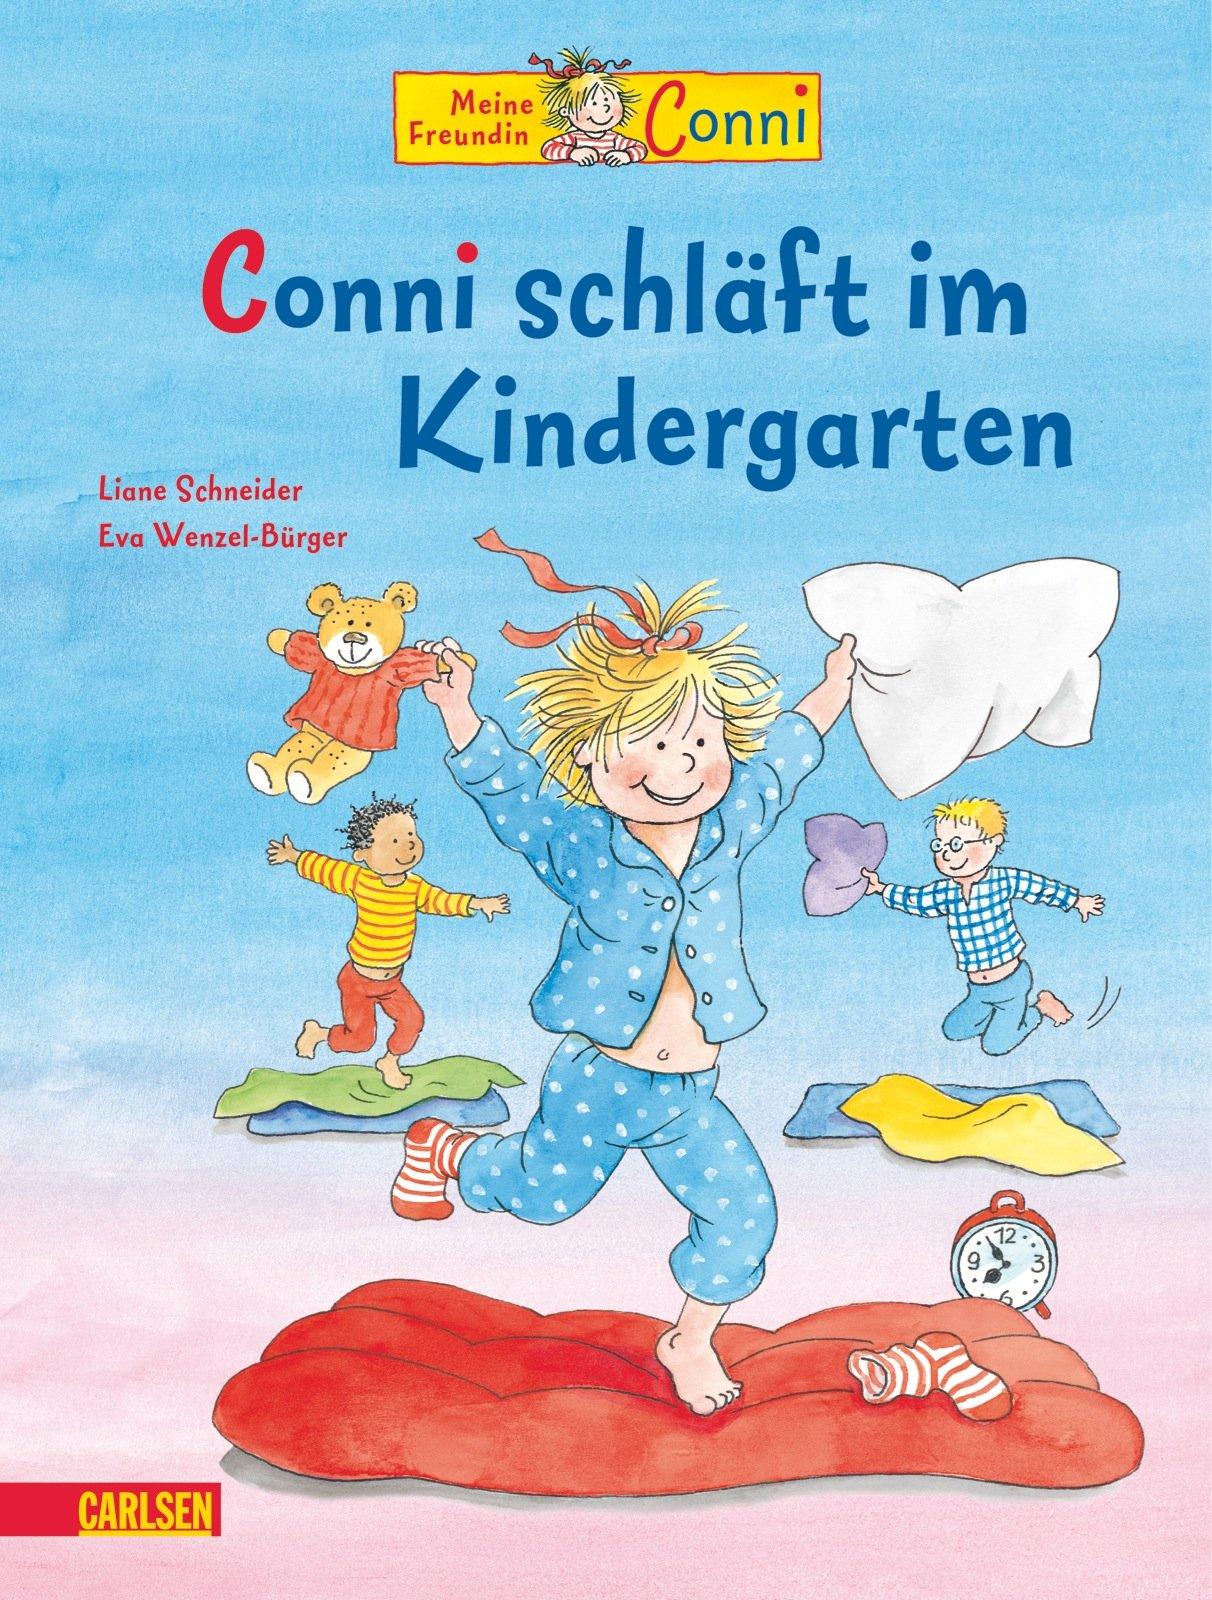 Conni-Bilderbücher: Conni schläft im Kindergarten